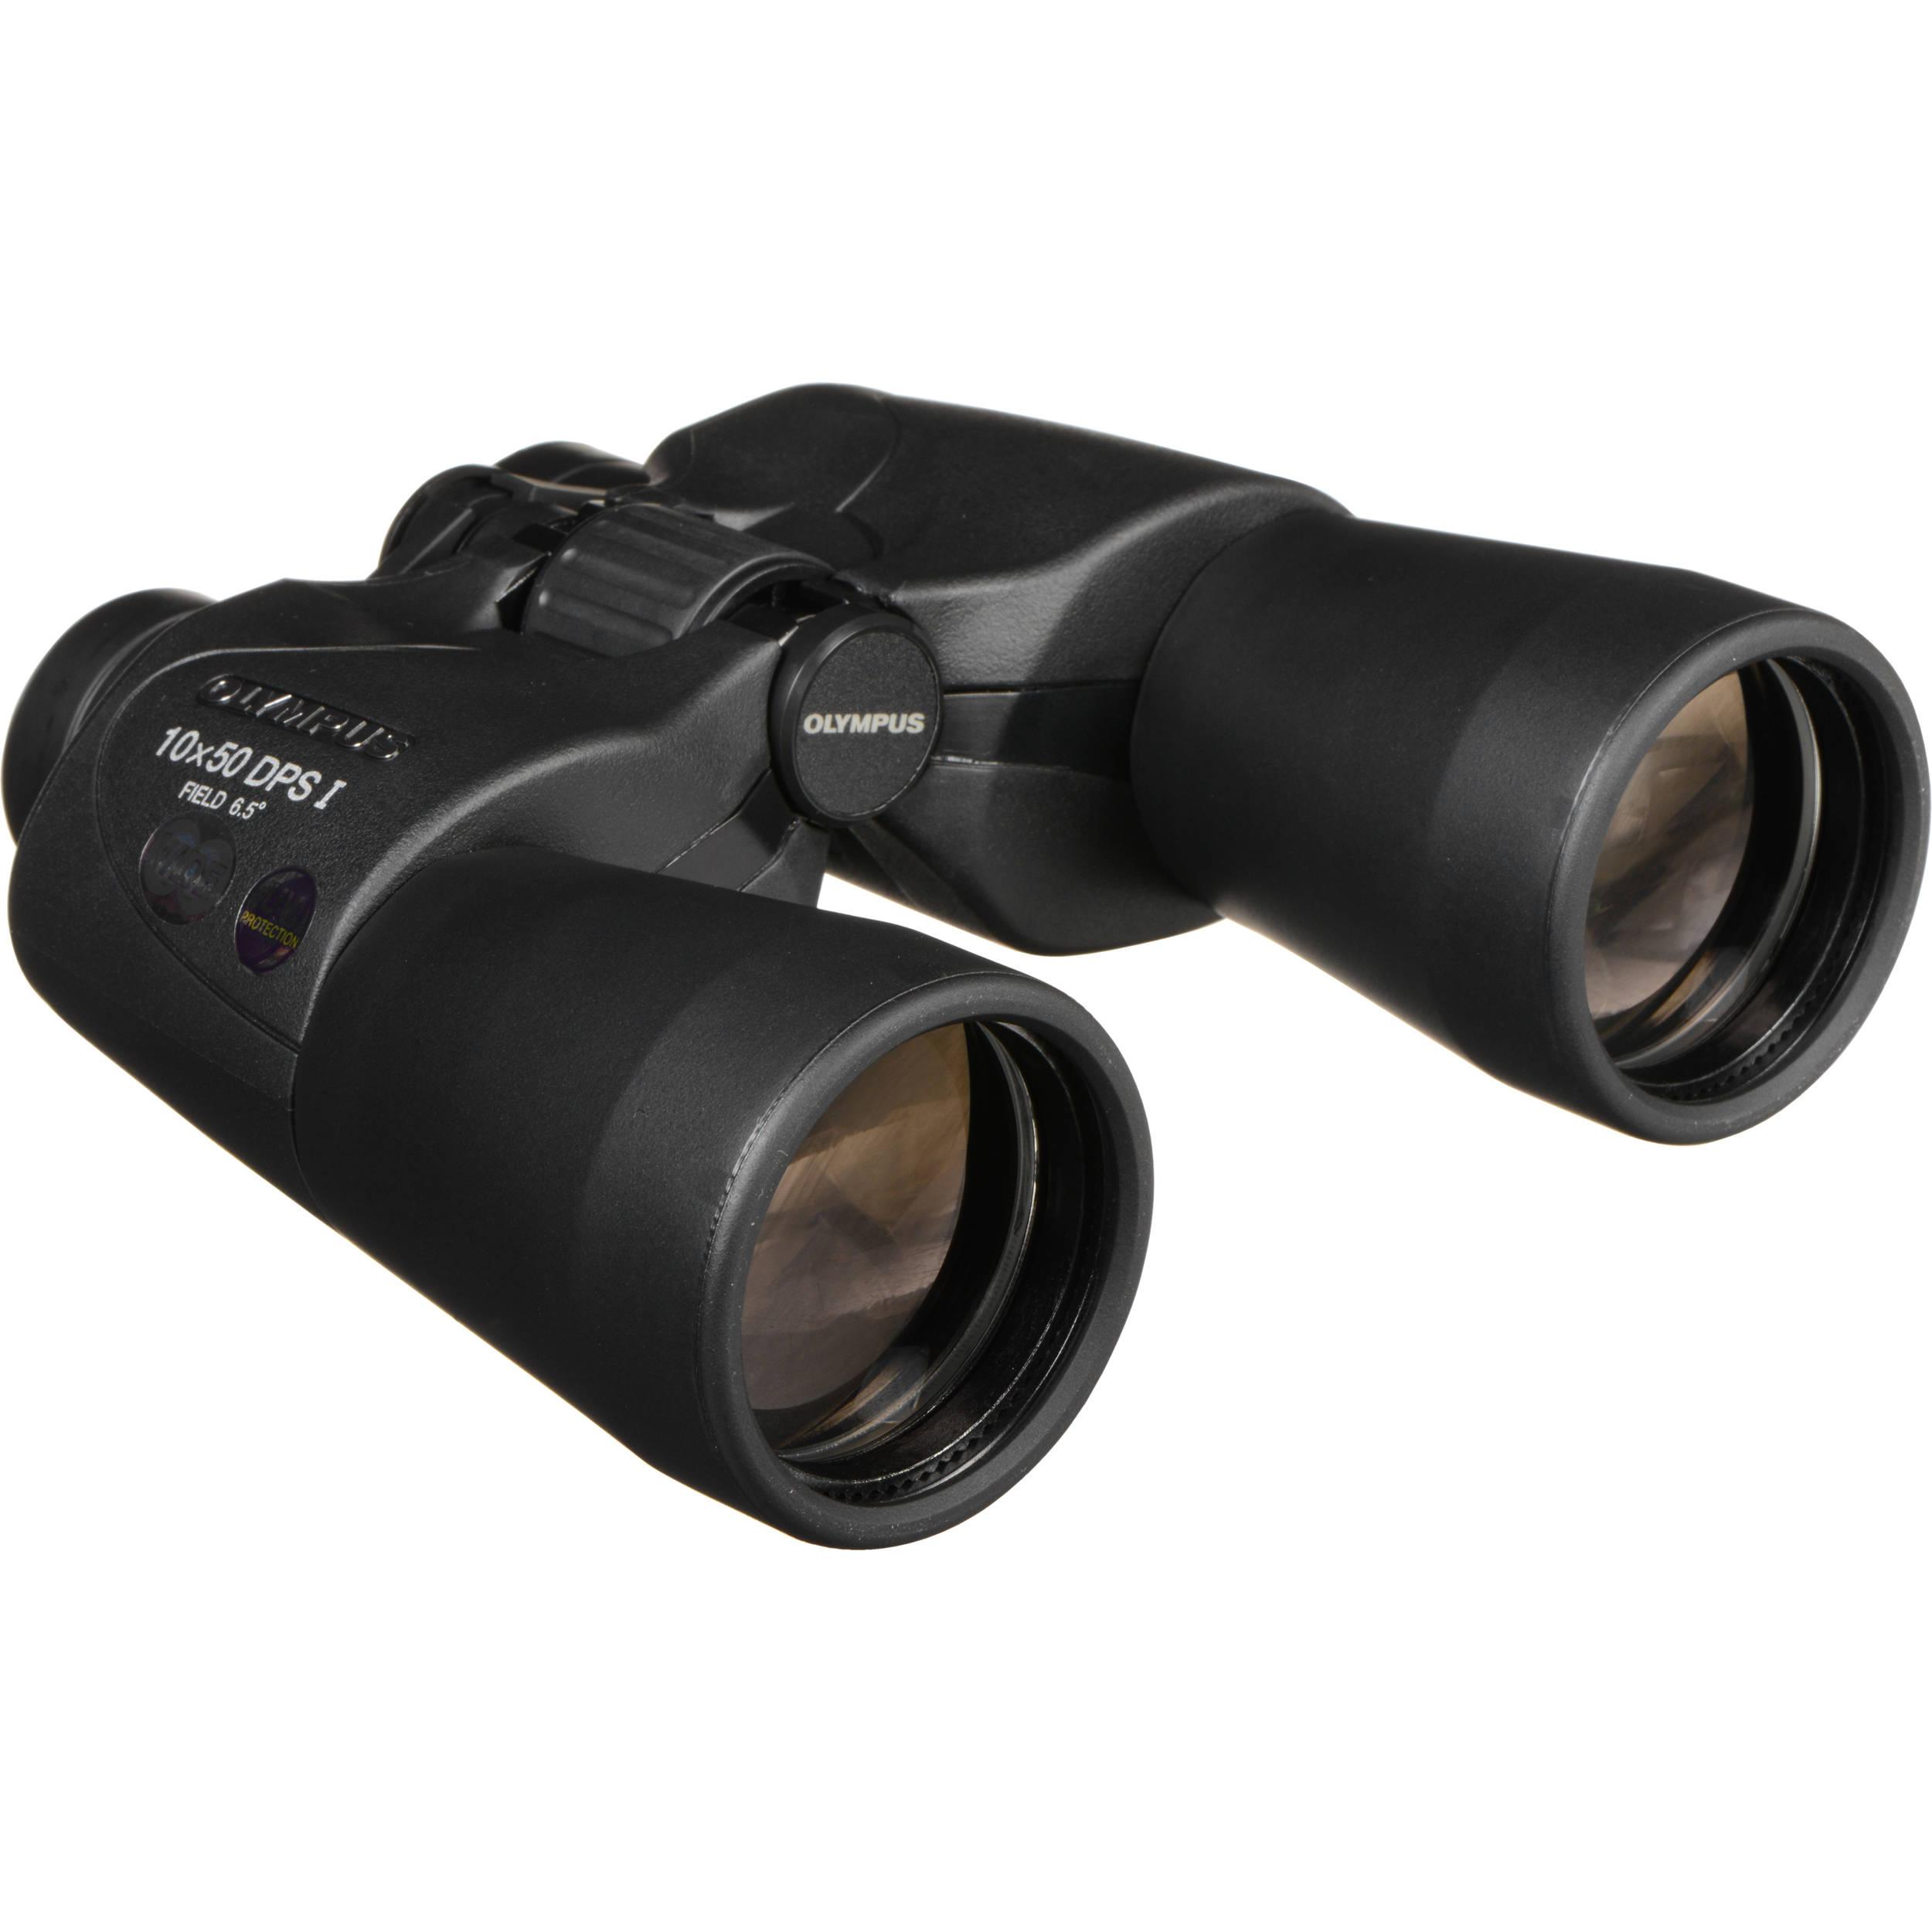 Olympus Olympus Binocular 10x50 DPS-1